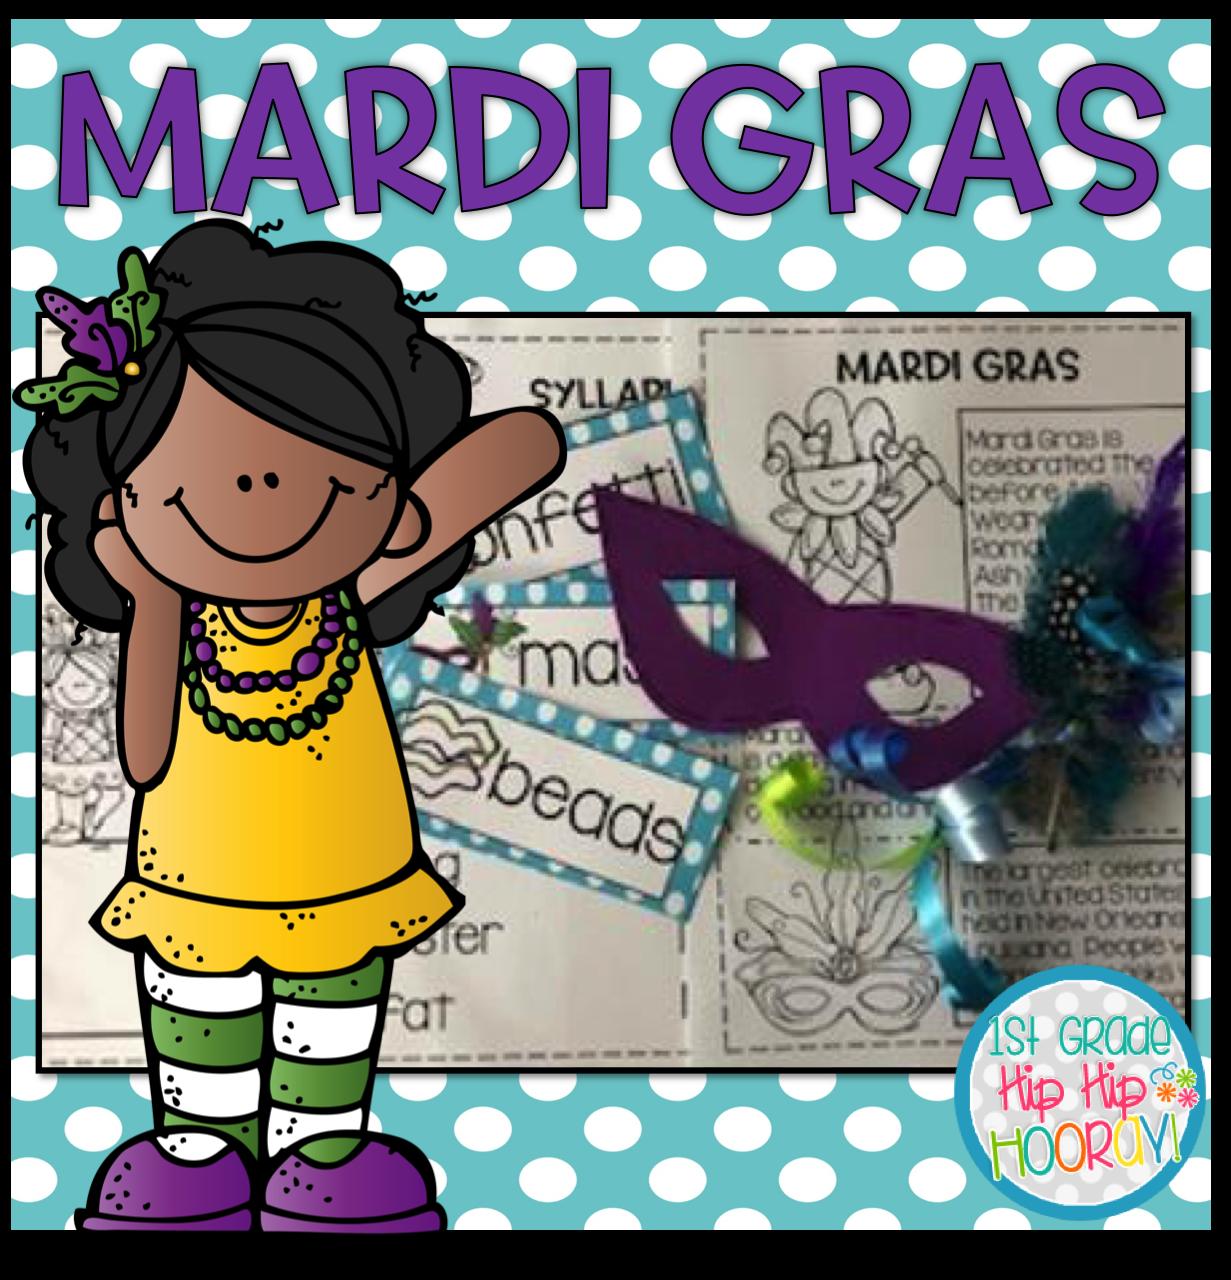 1st Grade Hip Hip Hooray Mardi Gras